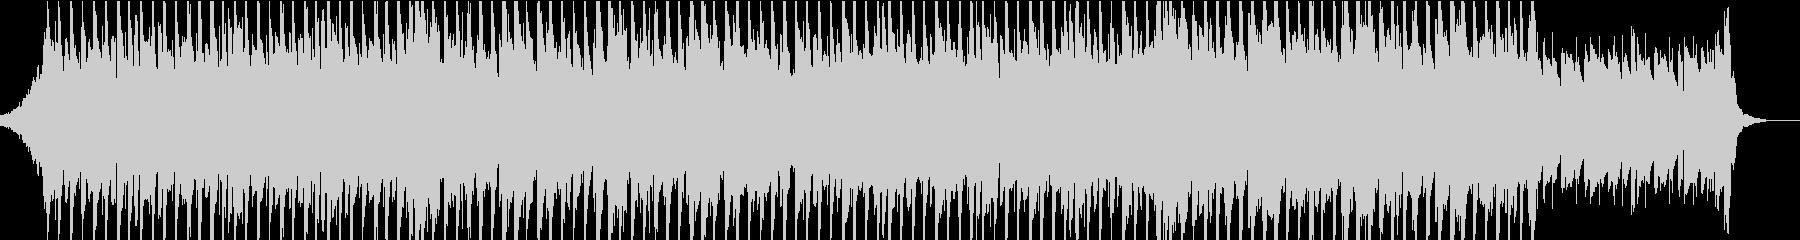 Folk Acousticの未再生の波形